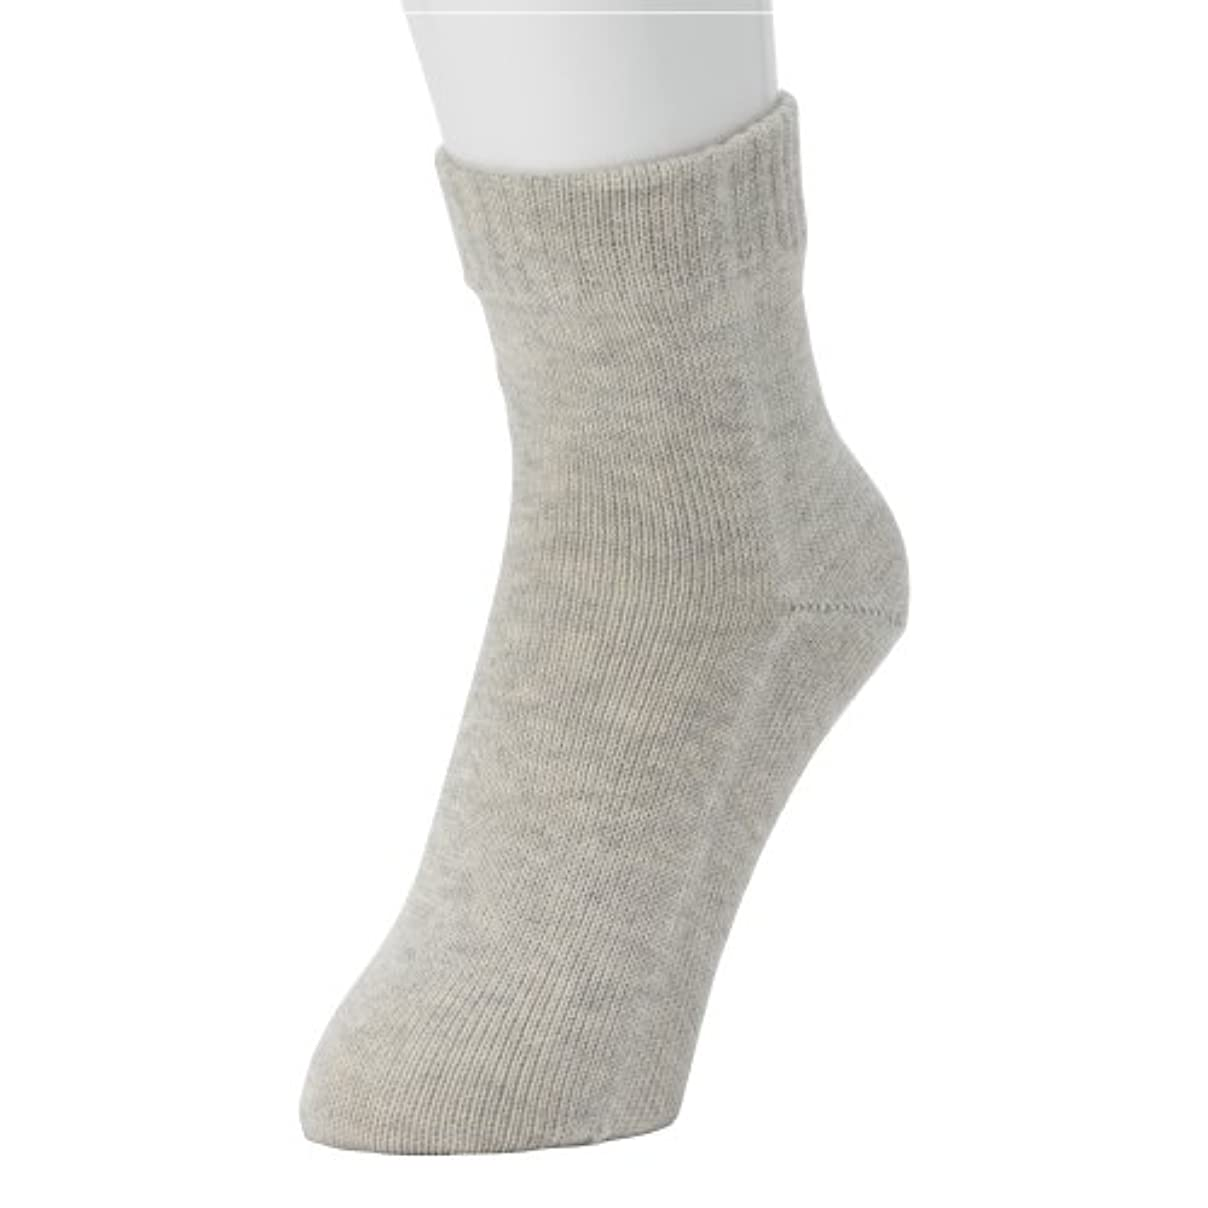 立ち寄る距離天使冷えとり?重ね履きに最適!本物シルクの 「くつしたの下」 Outer ソックス <紳士用?ヘザーグレー>